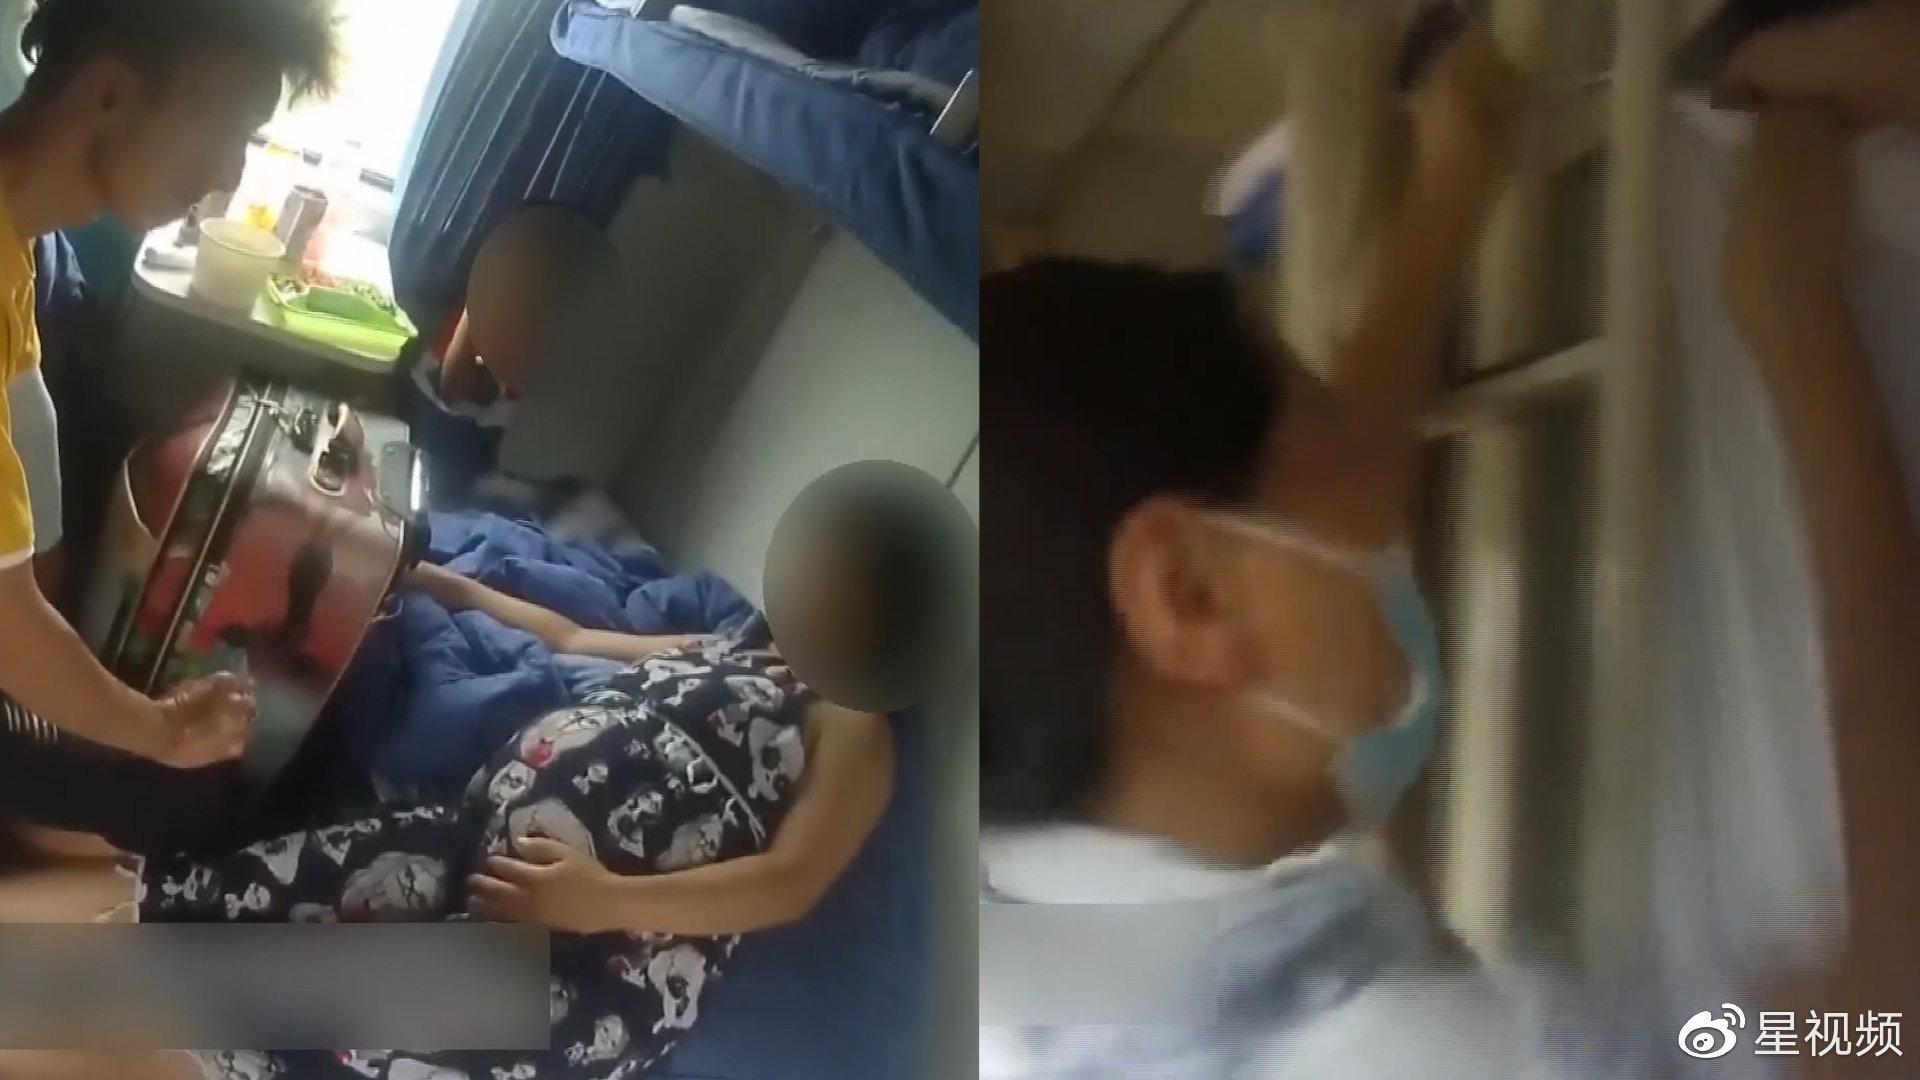 孕妇将临盆,列车员用被套搭建临时产房,一声啼哭后众人叫好